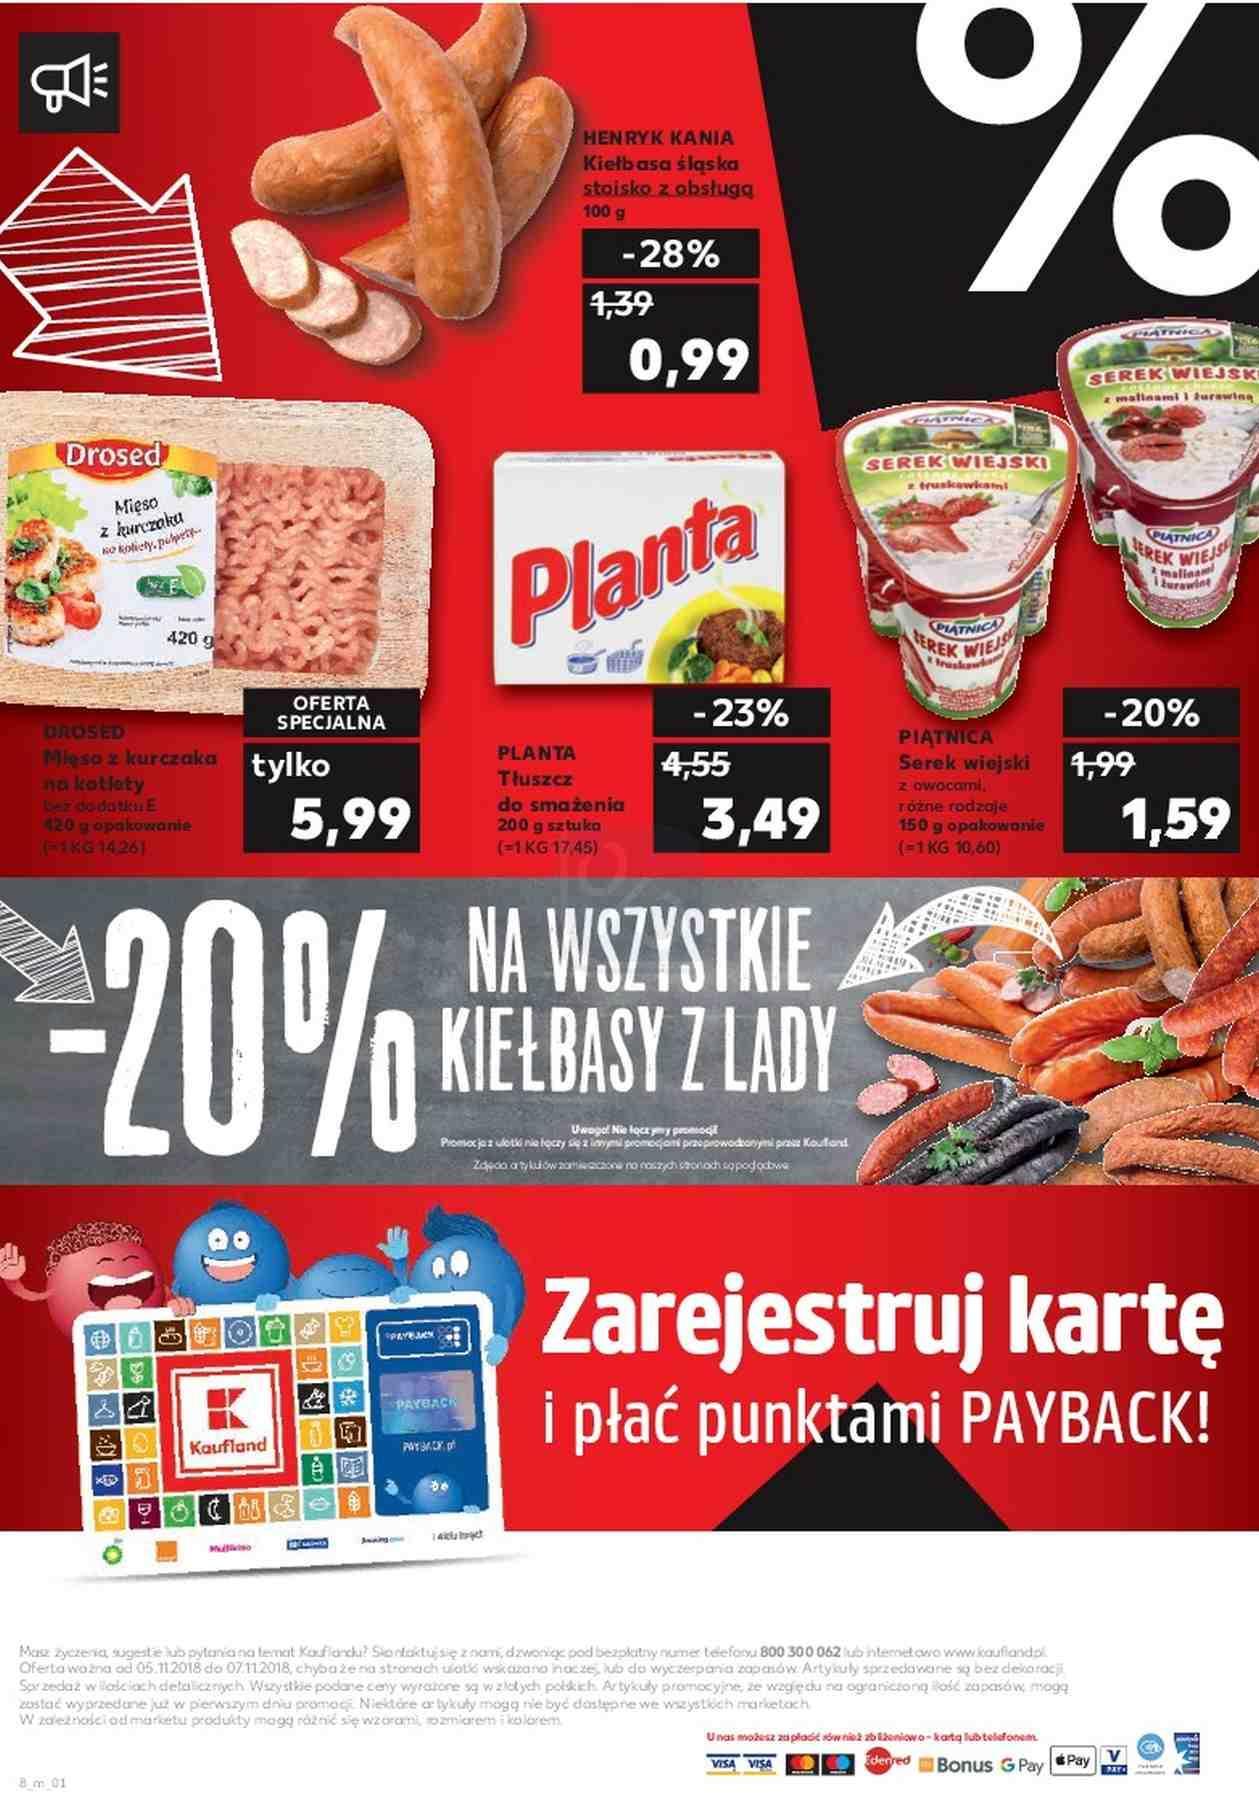 Gazetka promocyjna Kaufland do 07/11/2018 str.8